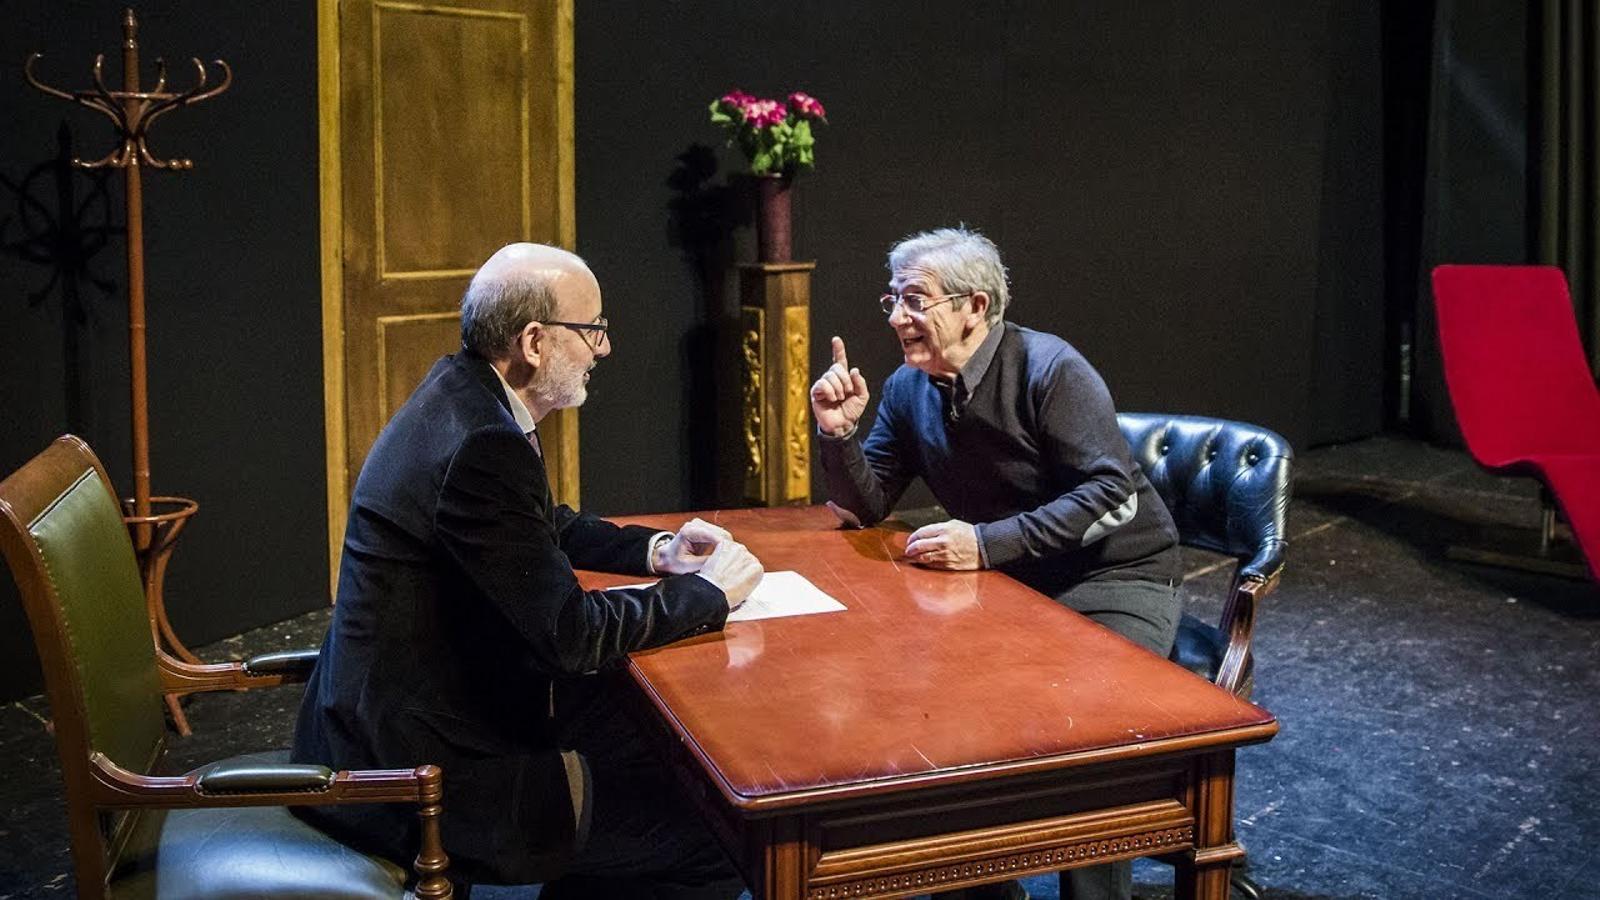 Entrevista d'Antoni Bassas a Joan Pera